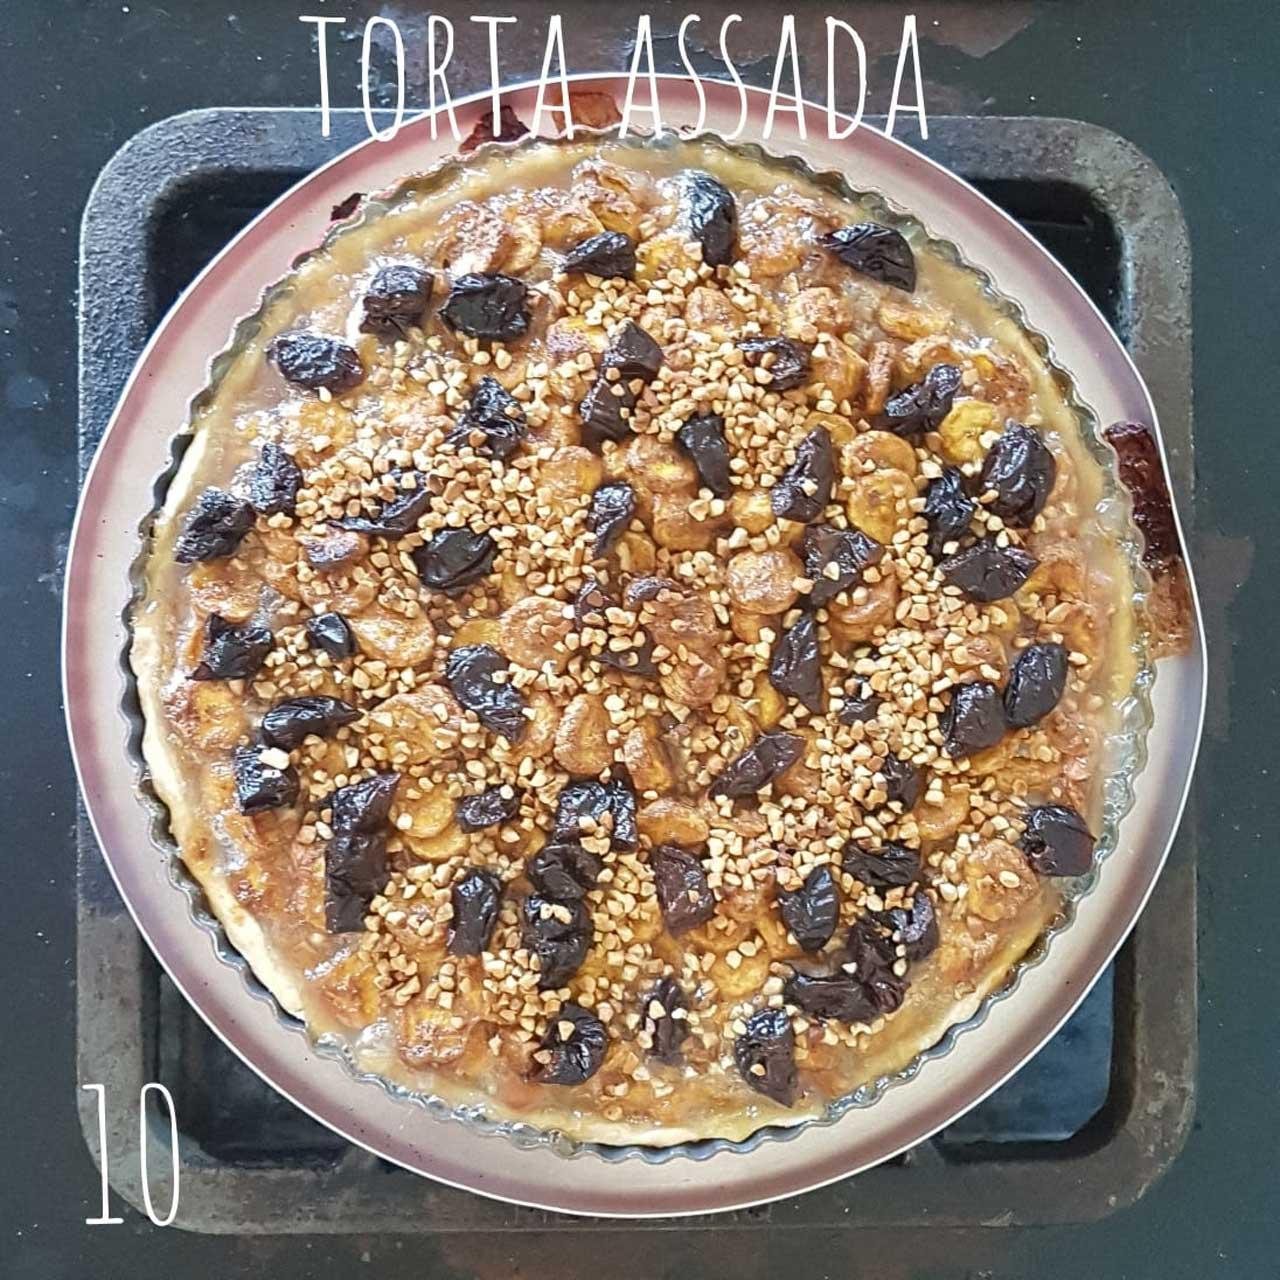 torta-de-banana-com-ameixa-10